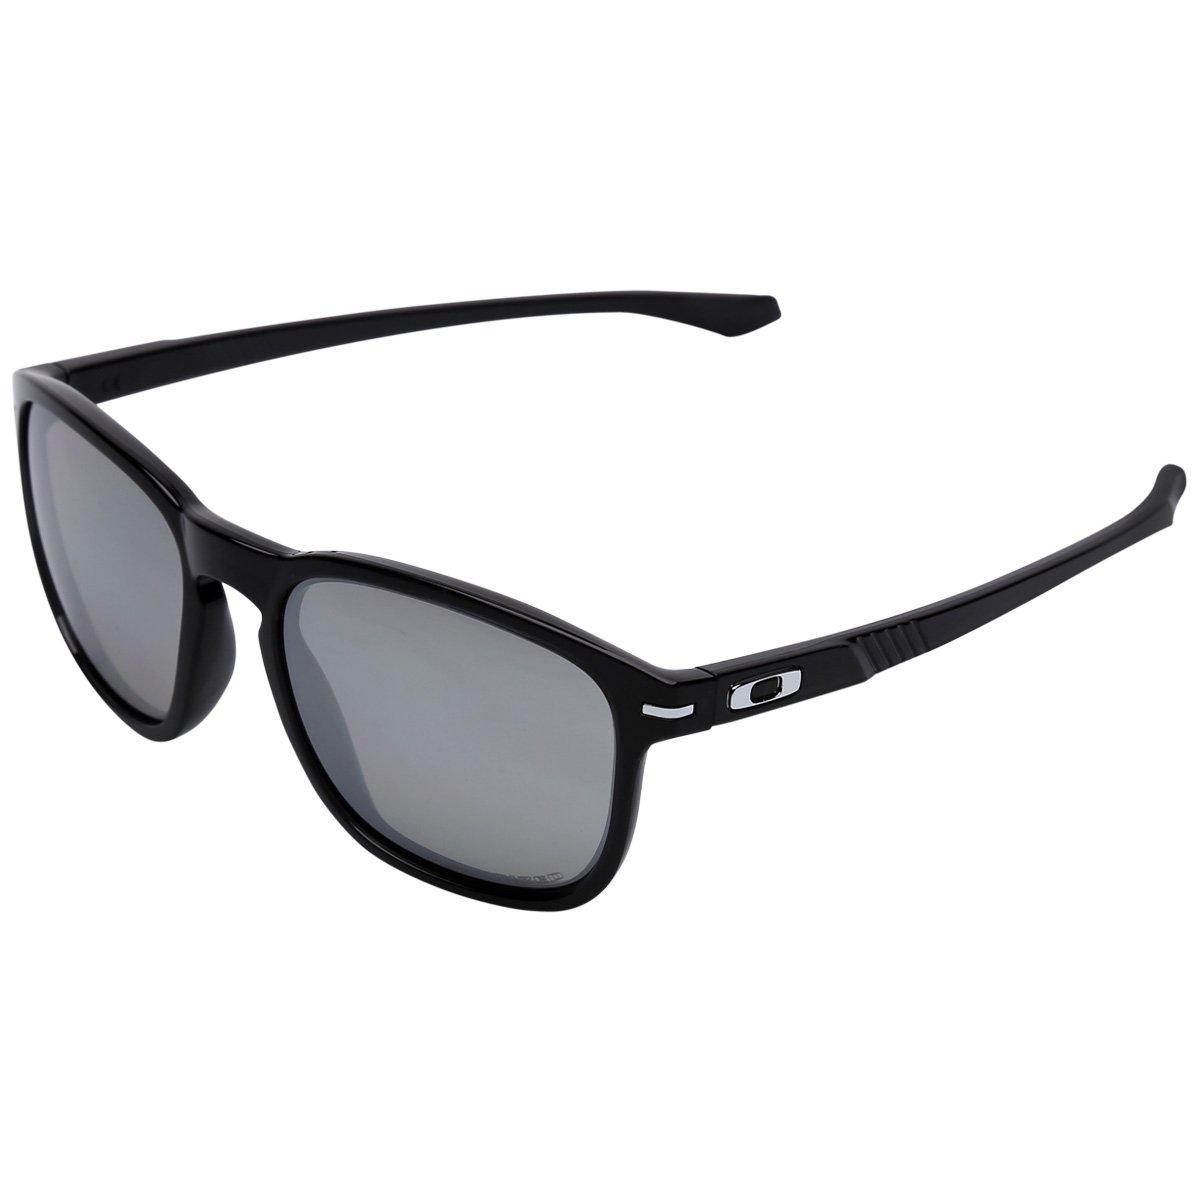 Óculos Oakley Enduro - Iridium Polarizado - Compre Agora   Netshoes 5556e2a48b